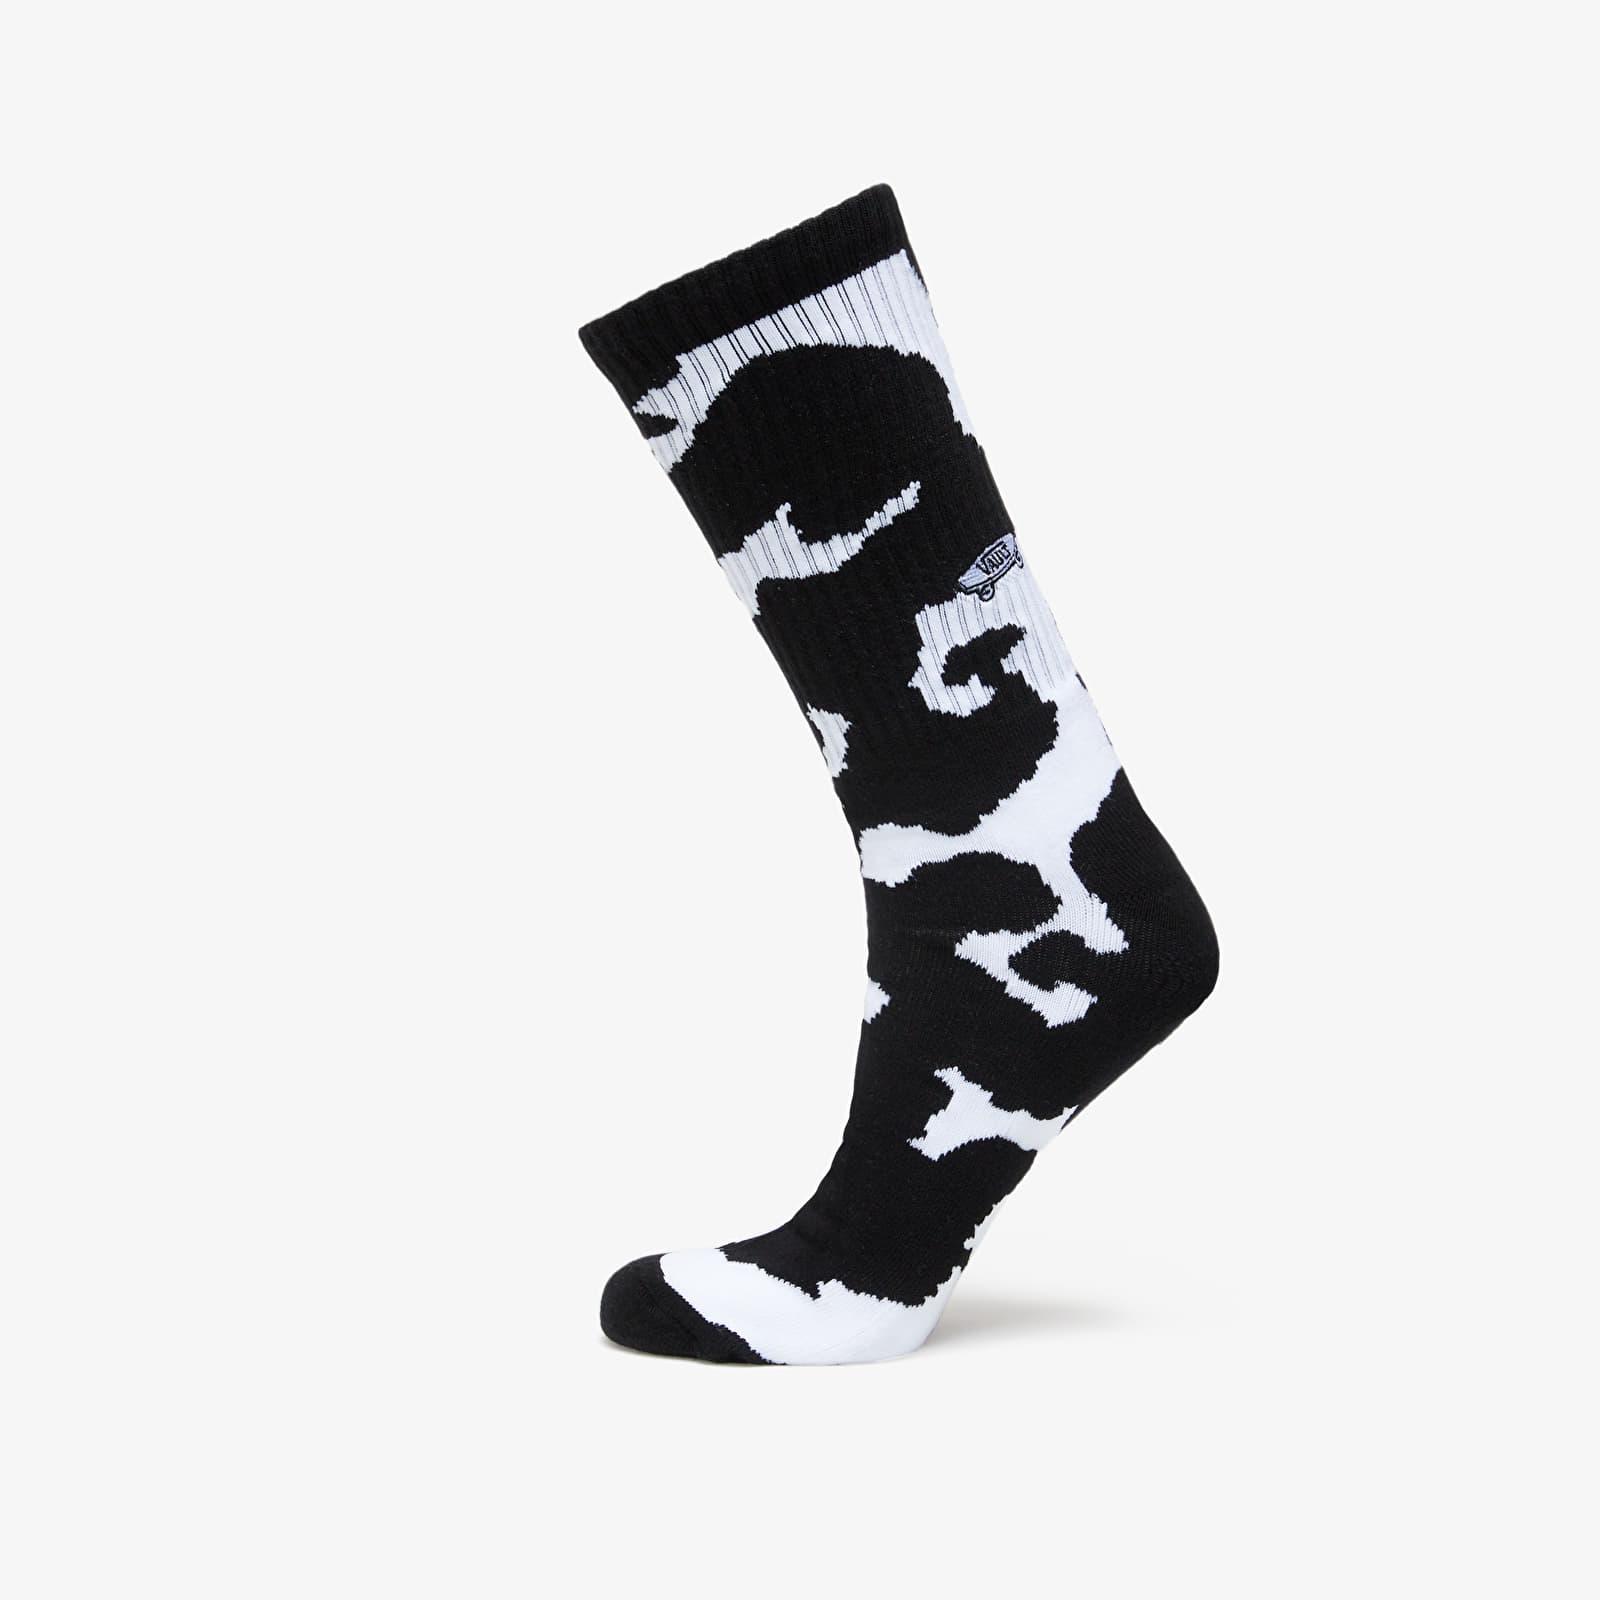 Vans Vault OG Cow Print Crew Socks 1Pack Black/ White 42,5-47